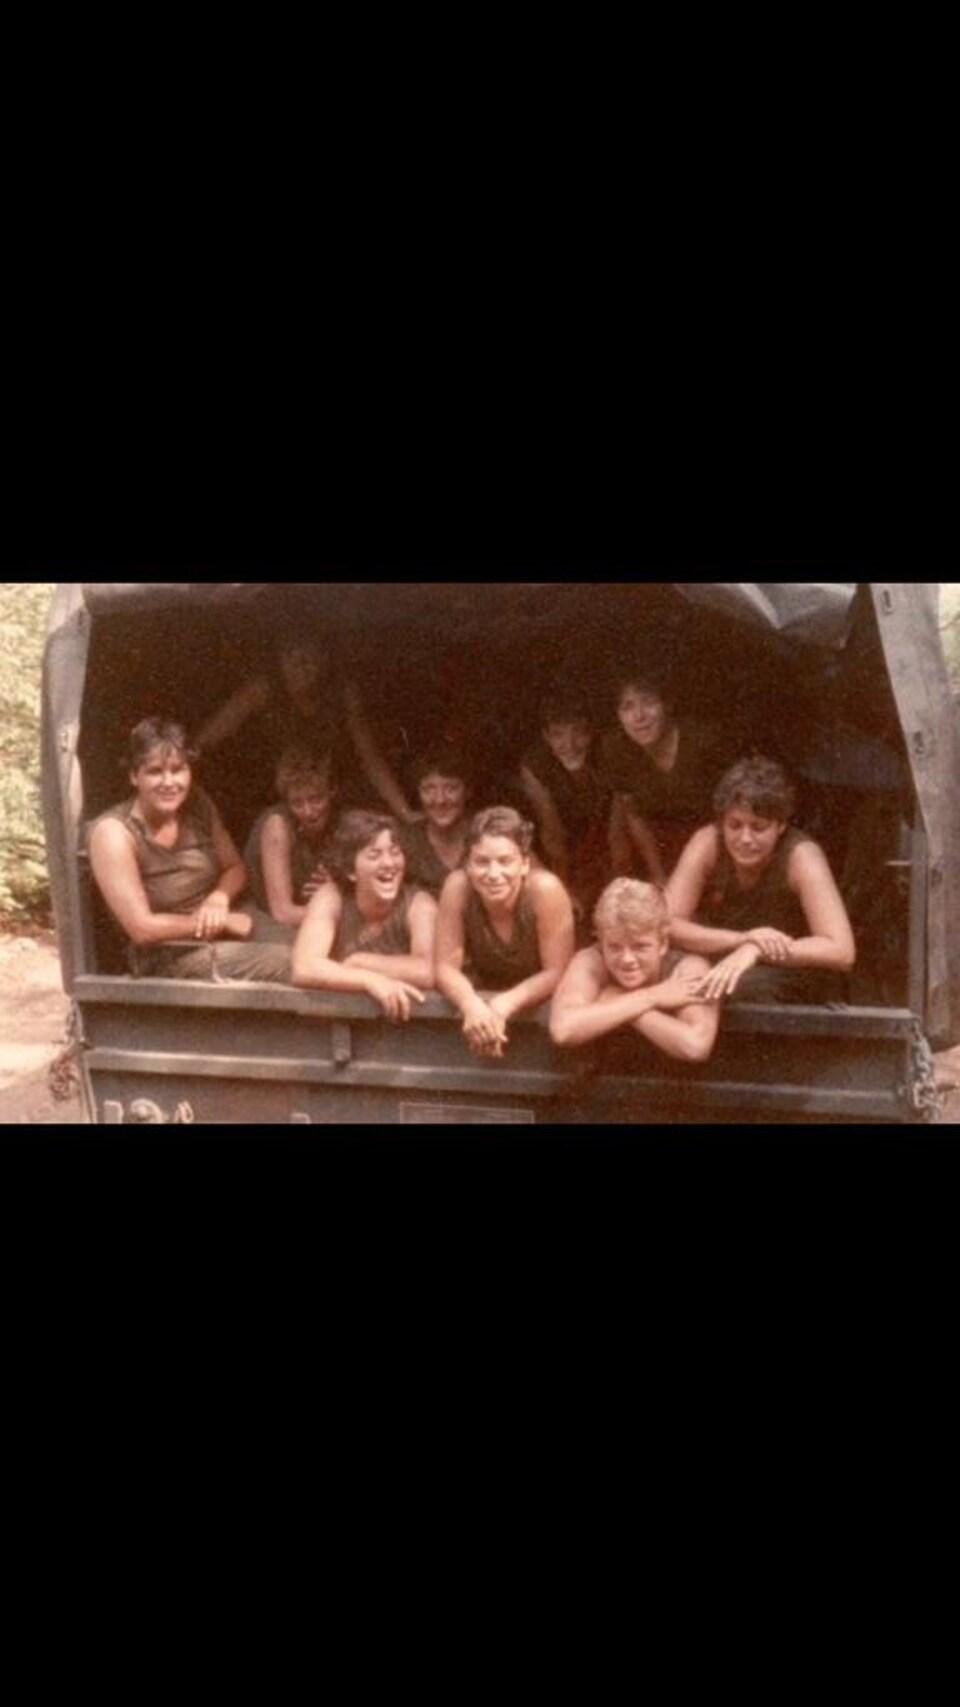 Plusieurs femmes à l'intérieur d'un camion.